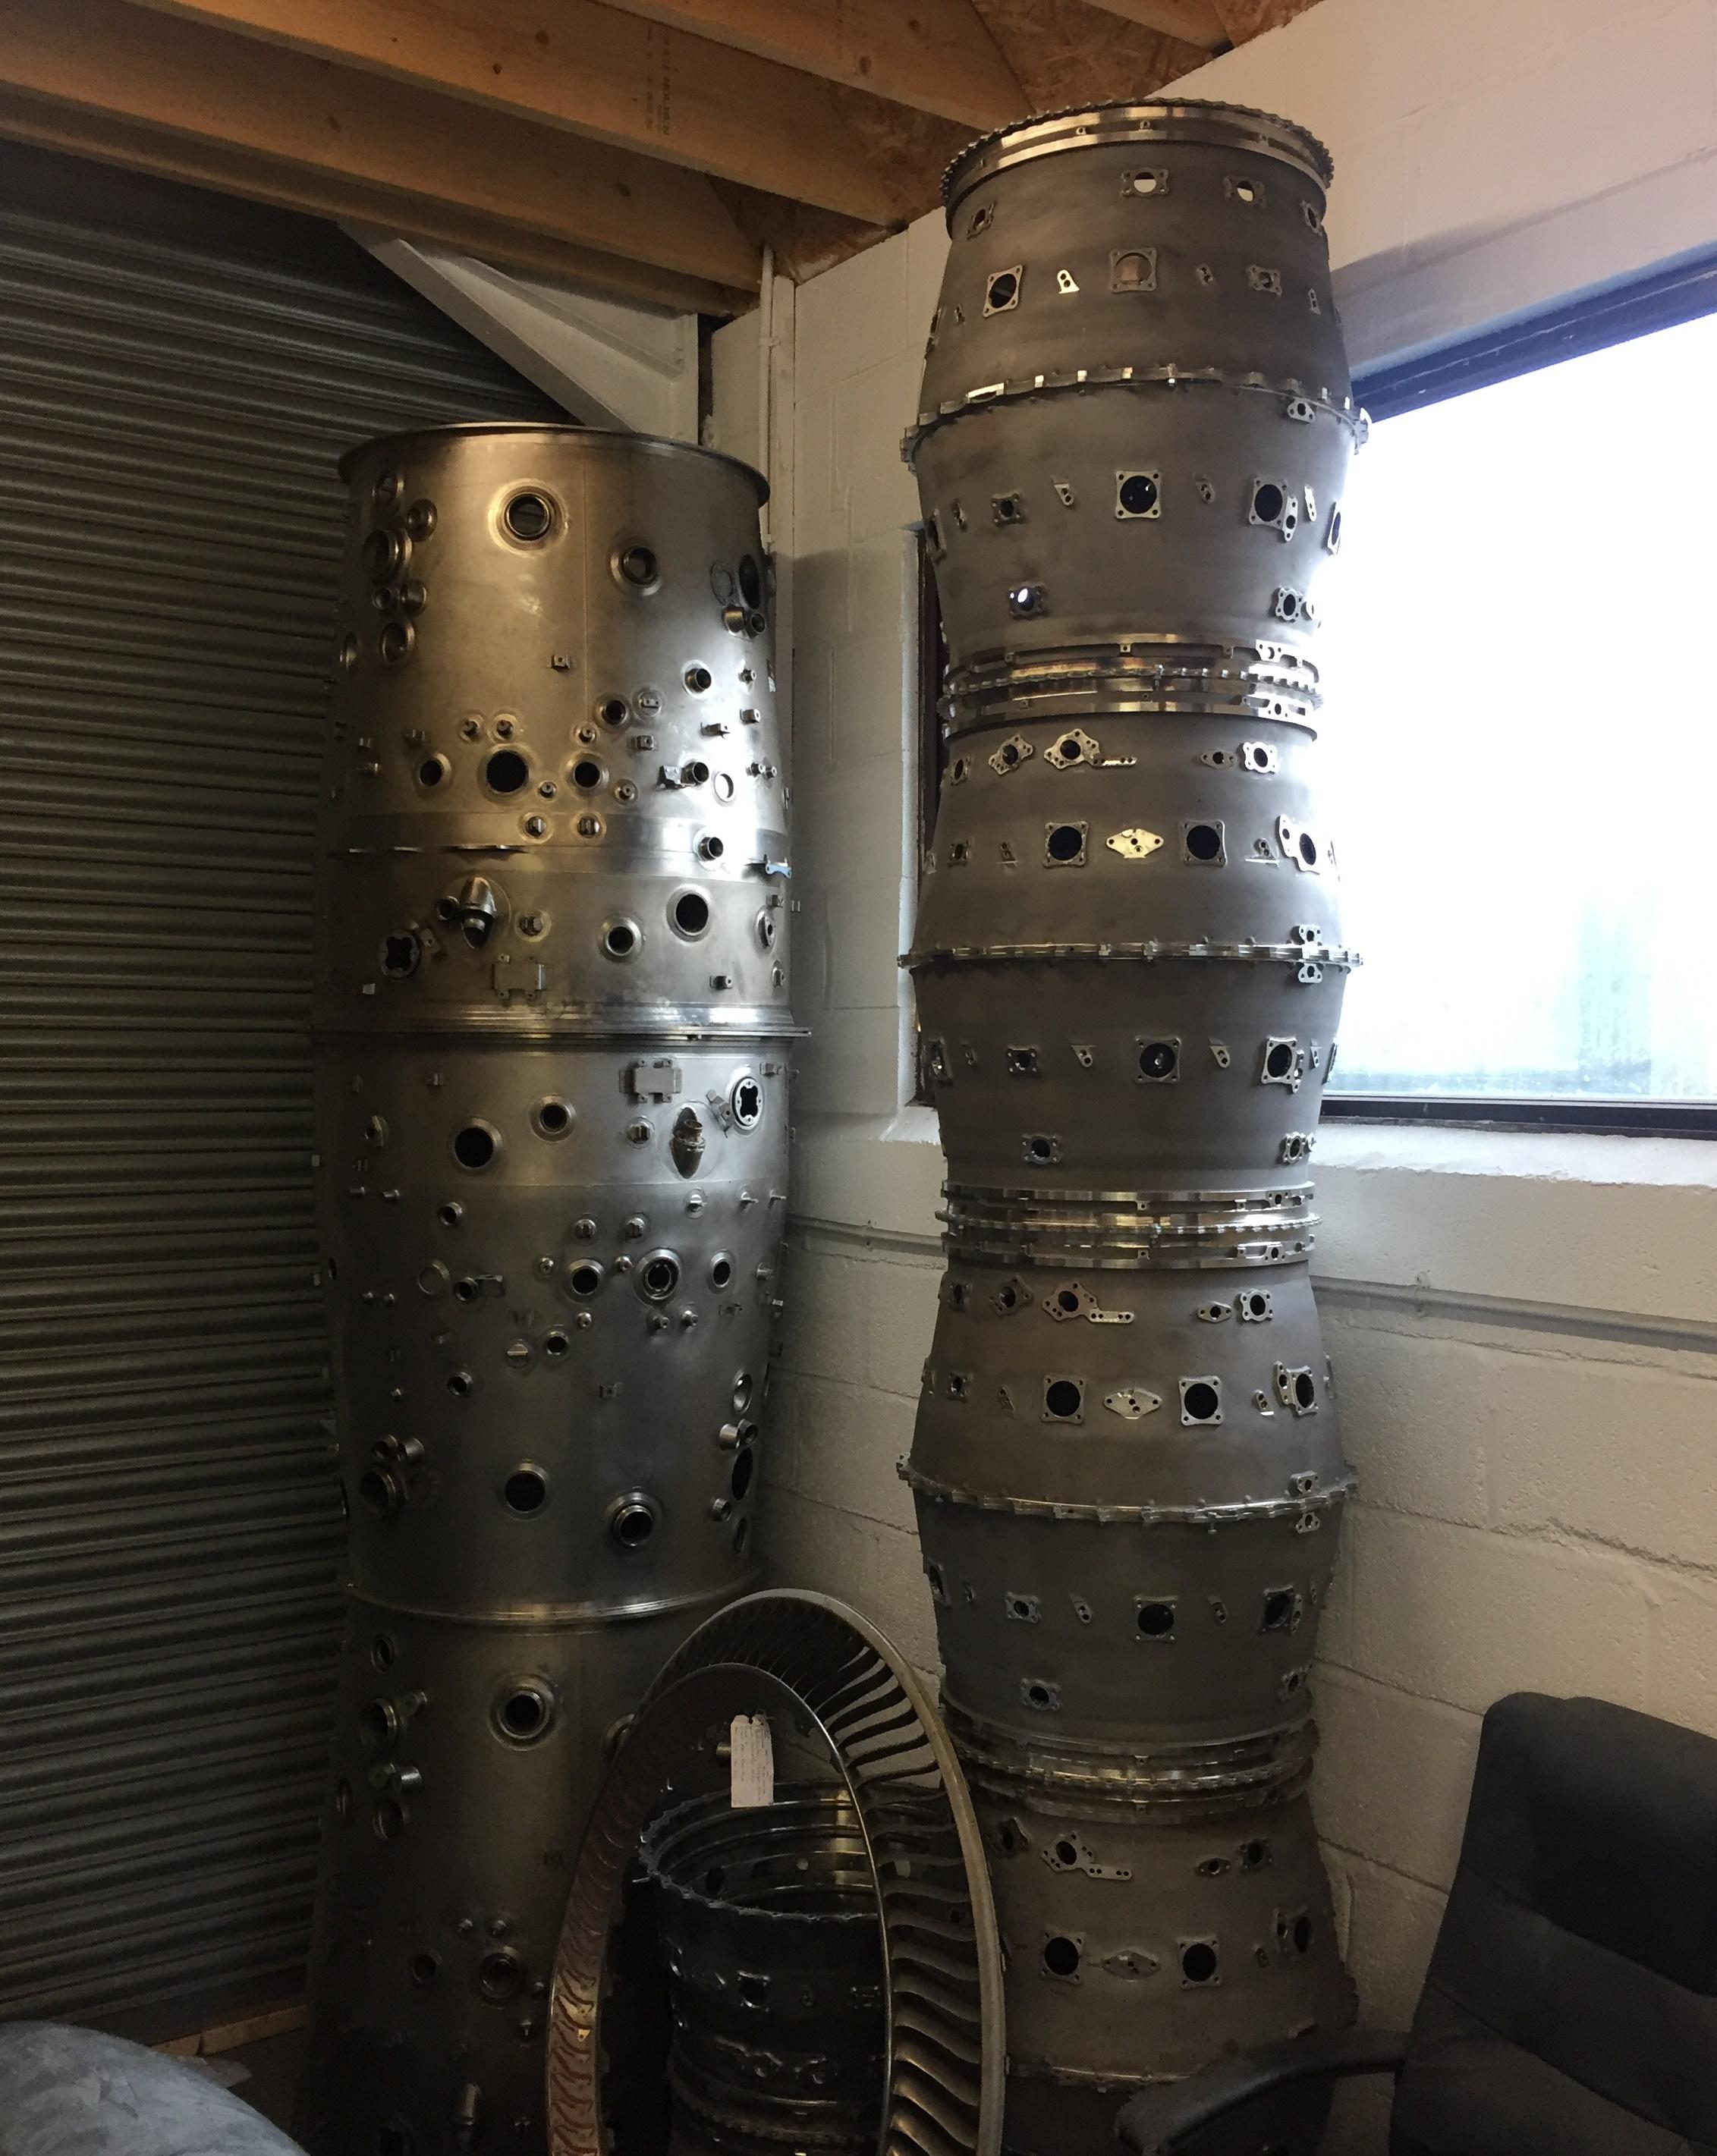 Sci Fi jet engine case